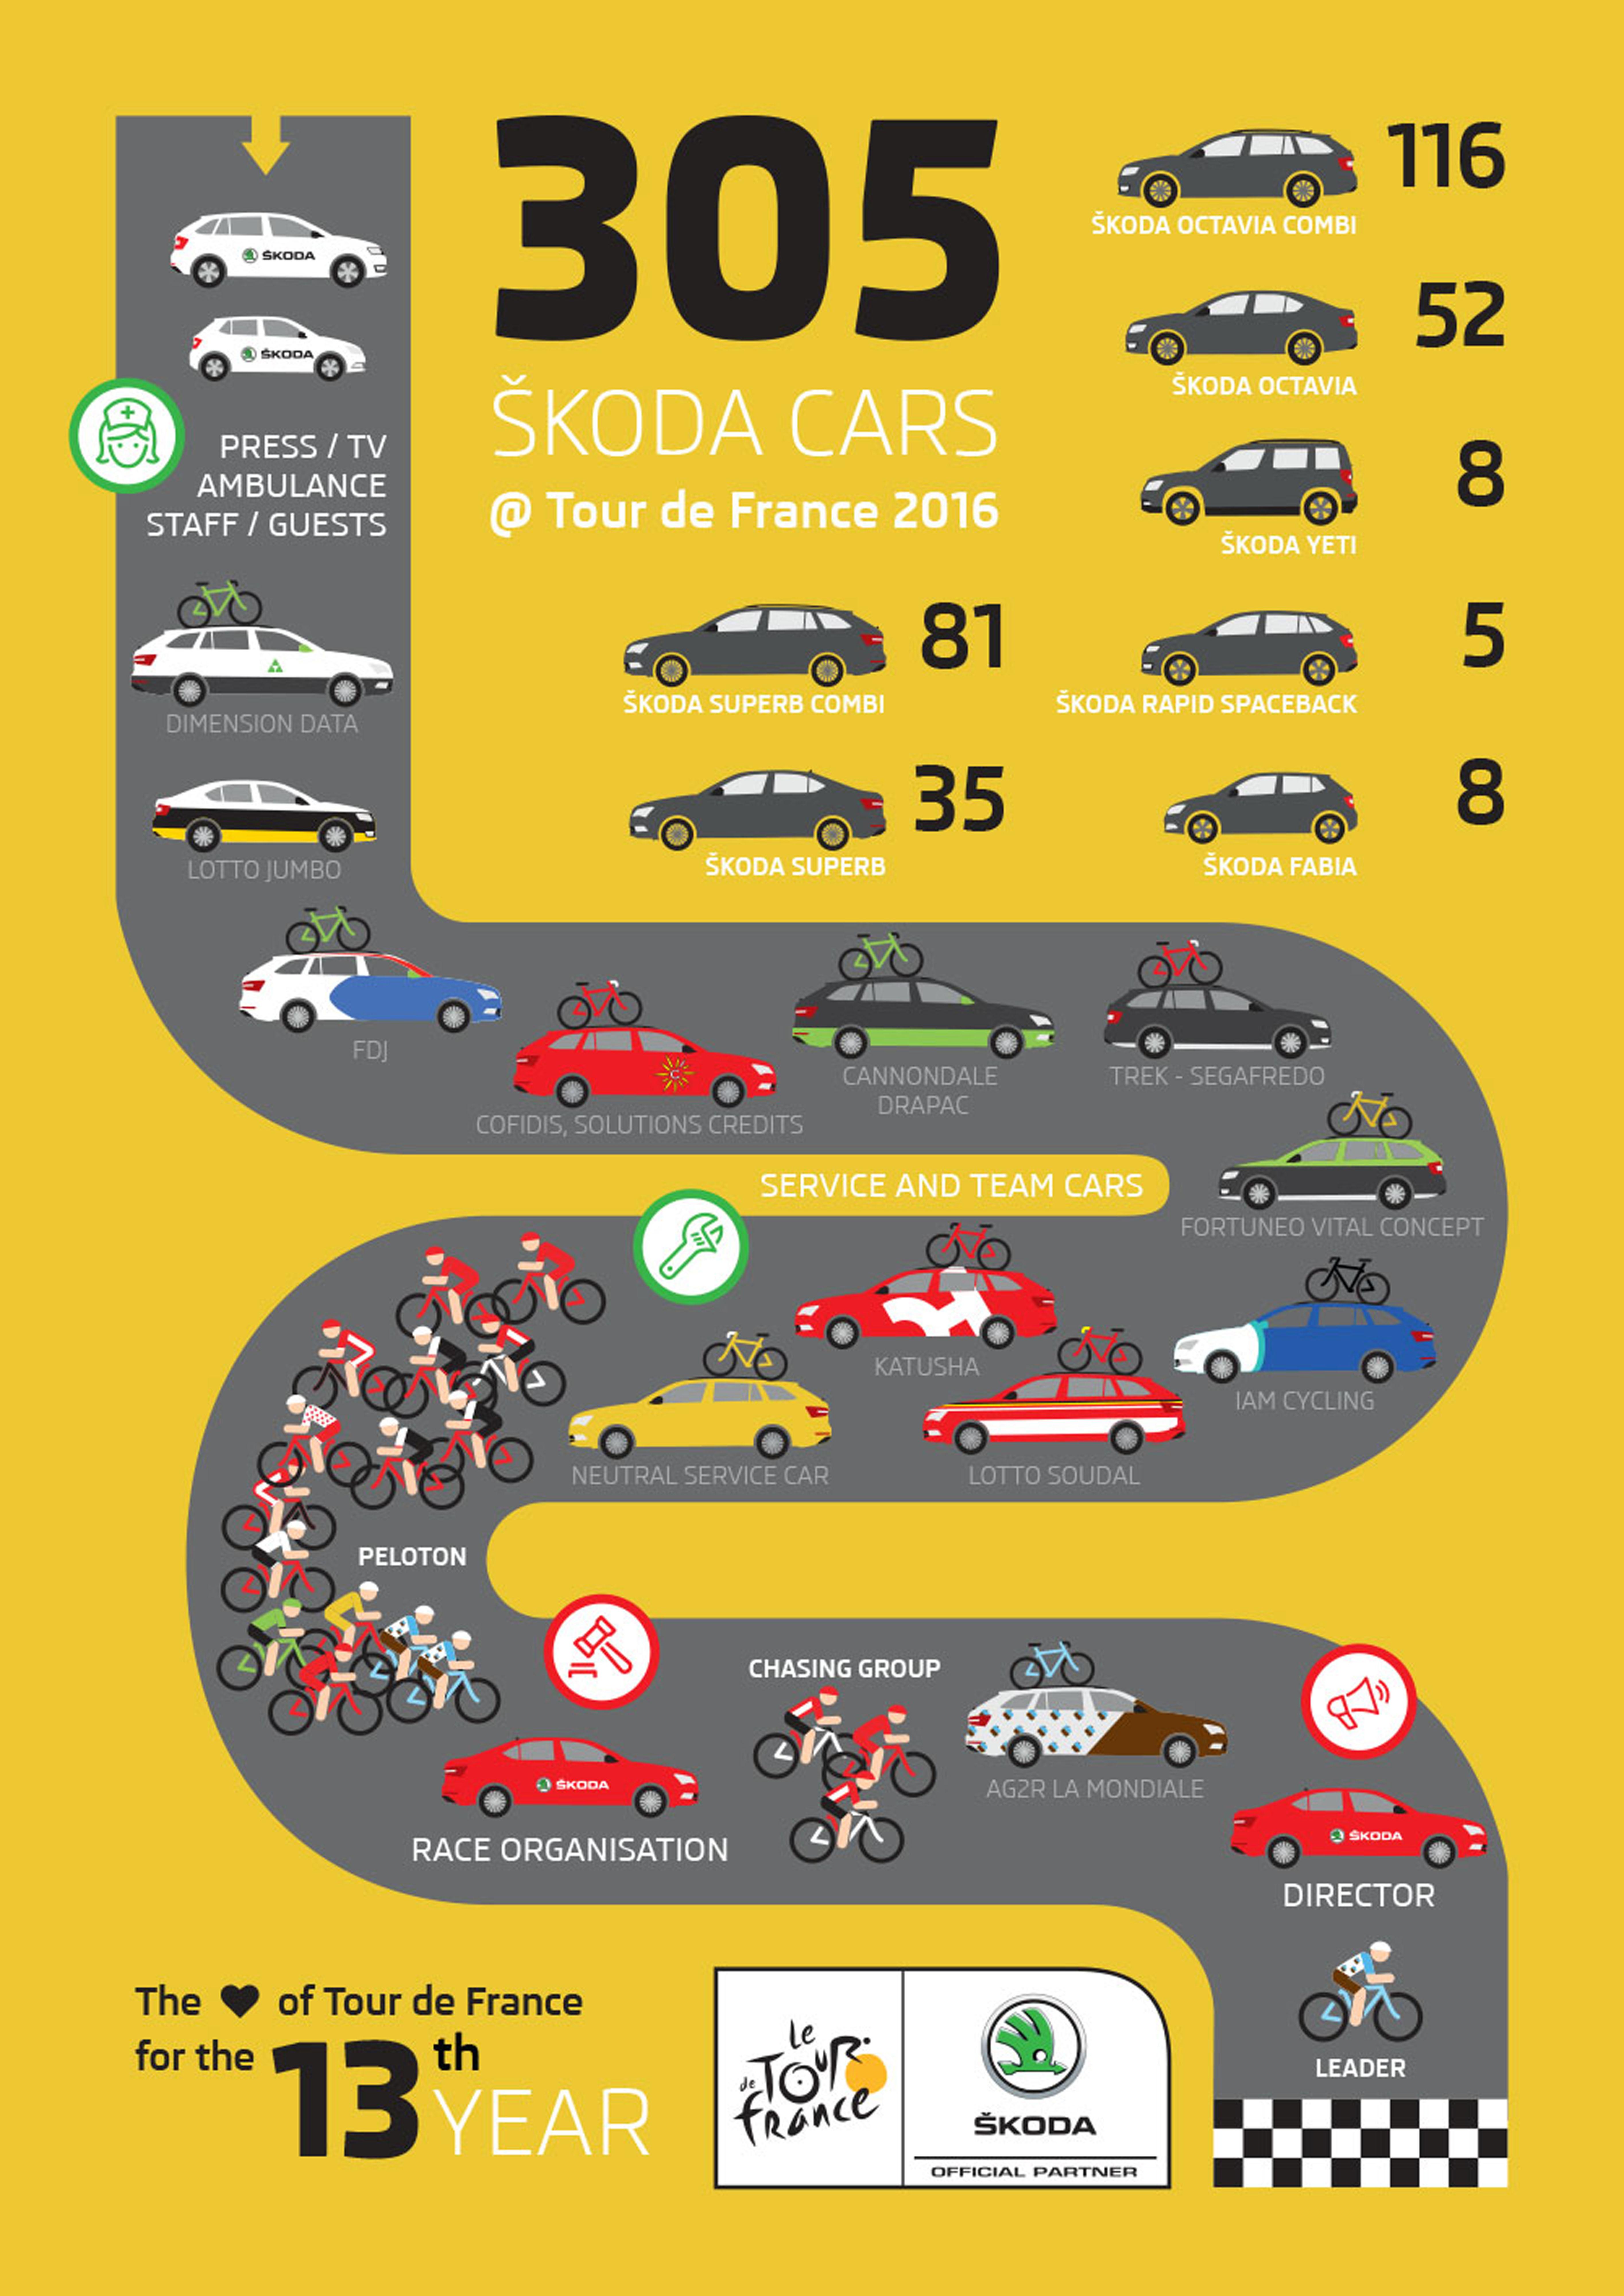 https://cdn.skoda-storyboard.com/2016/07/skoda-tdf-infographic.jpg